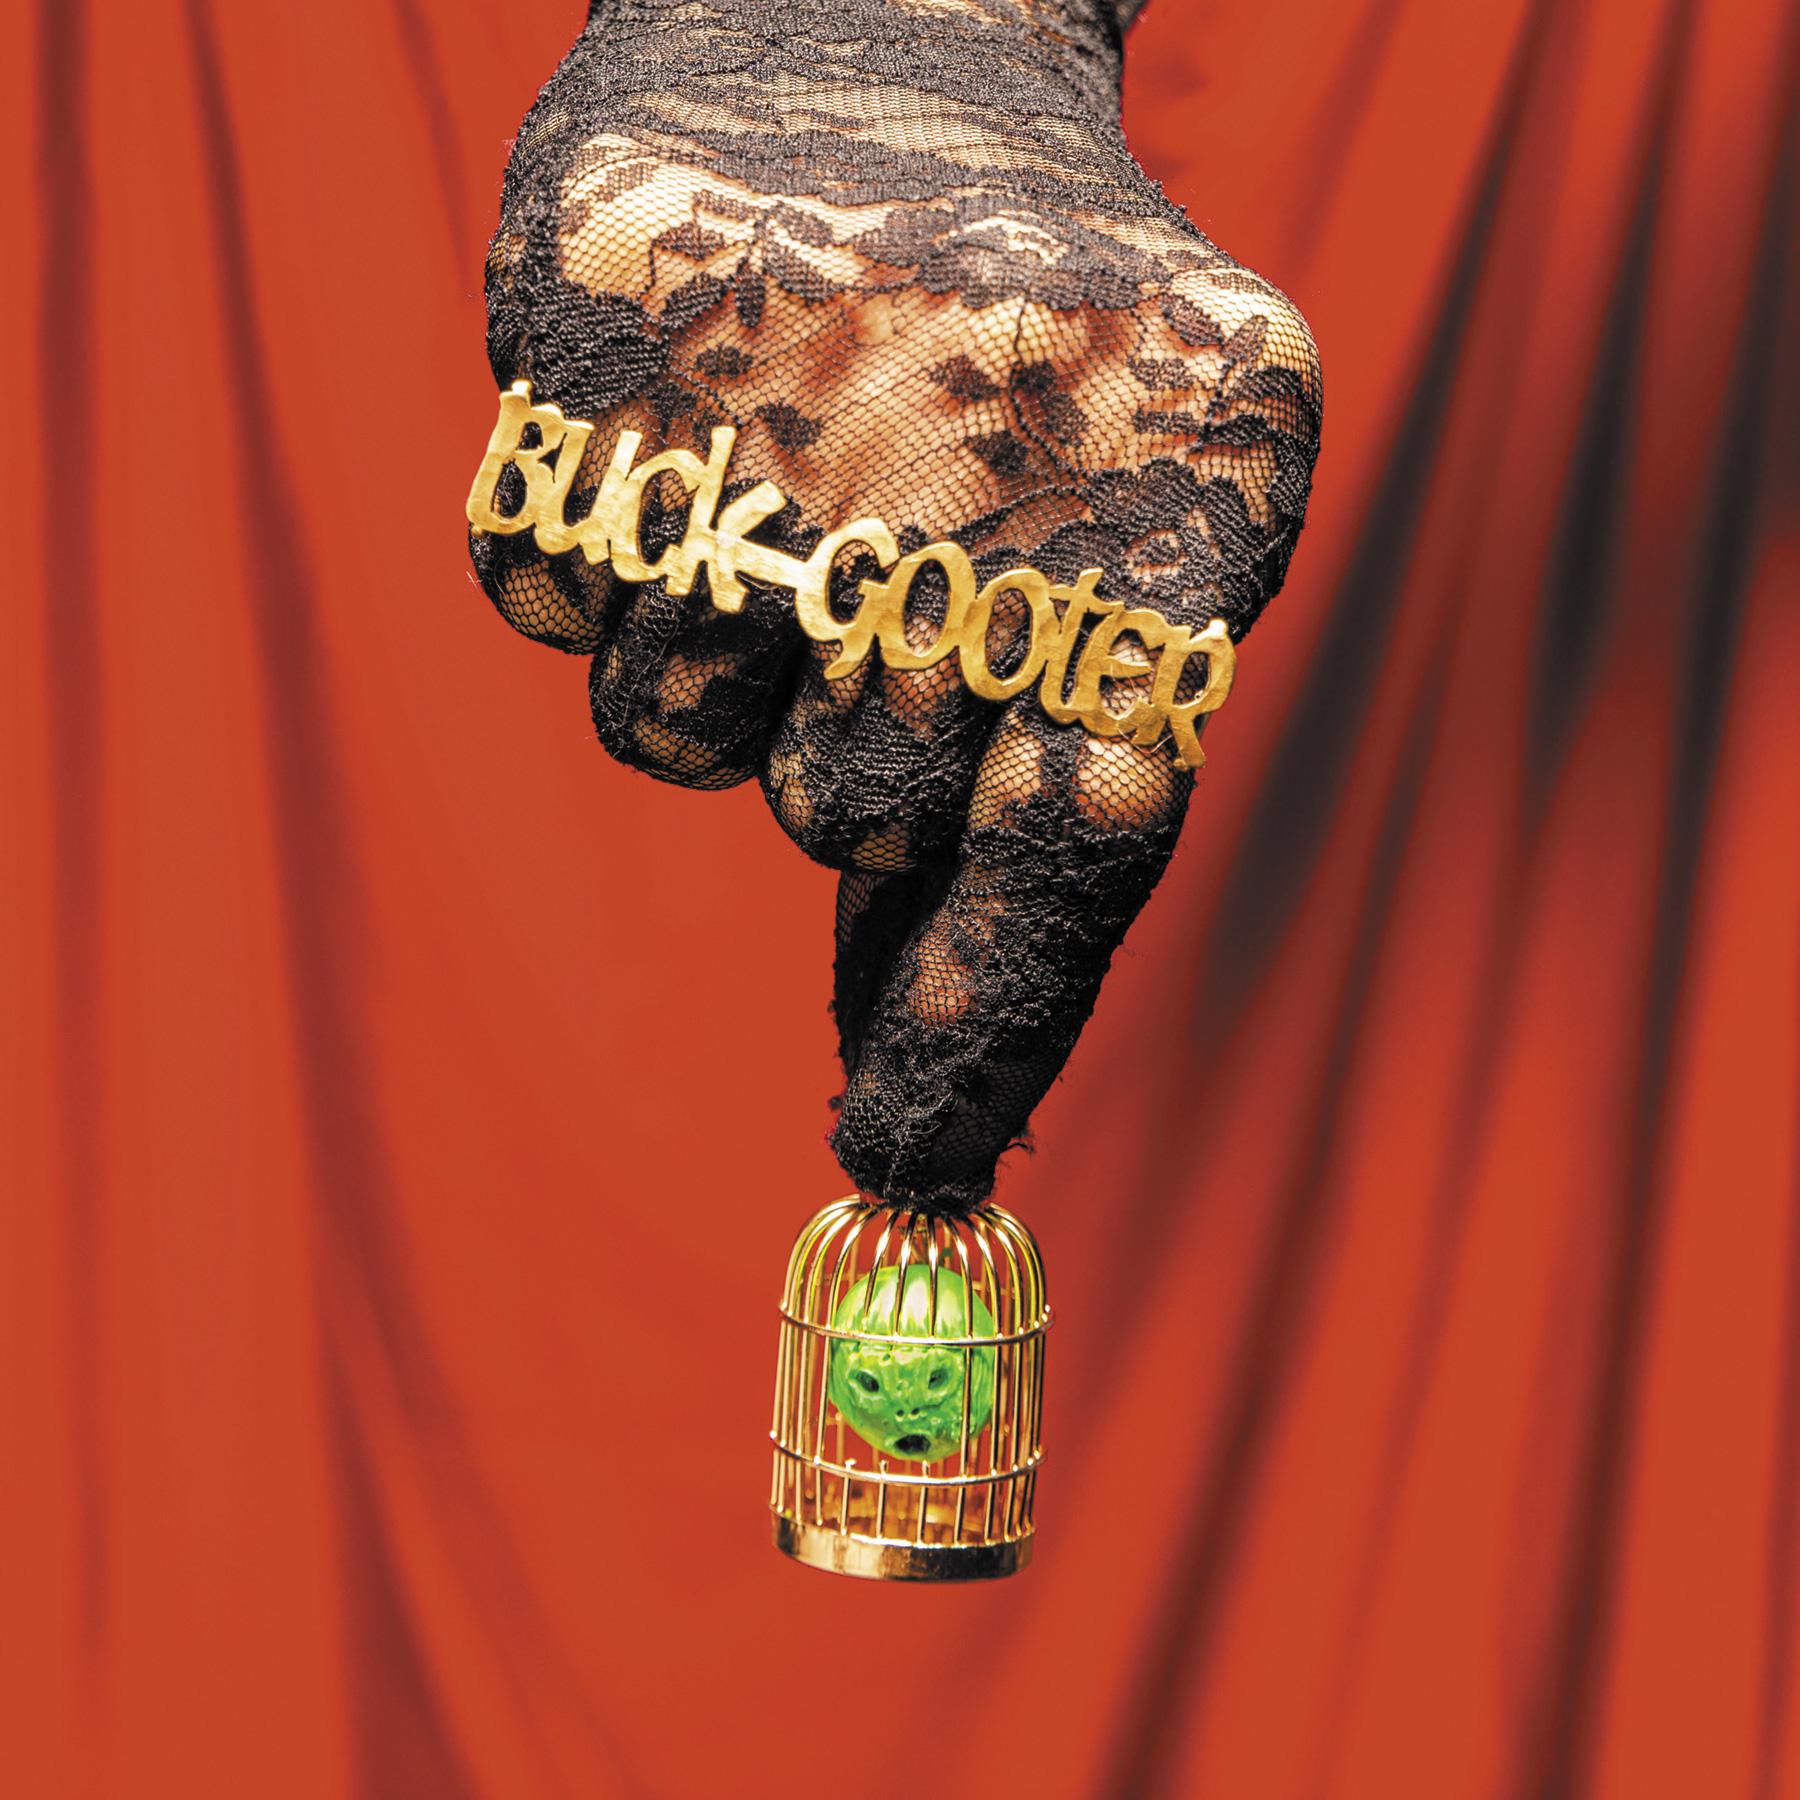 BuckGooter_HeadInABirdCage_OctoberQueenCitySounds_TomMurphy